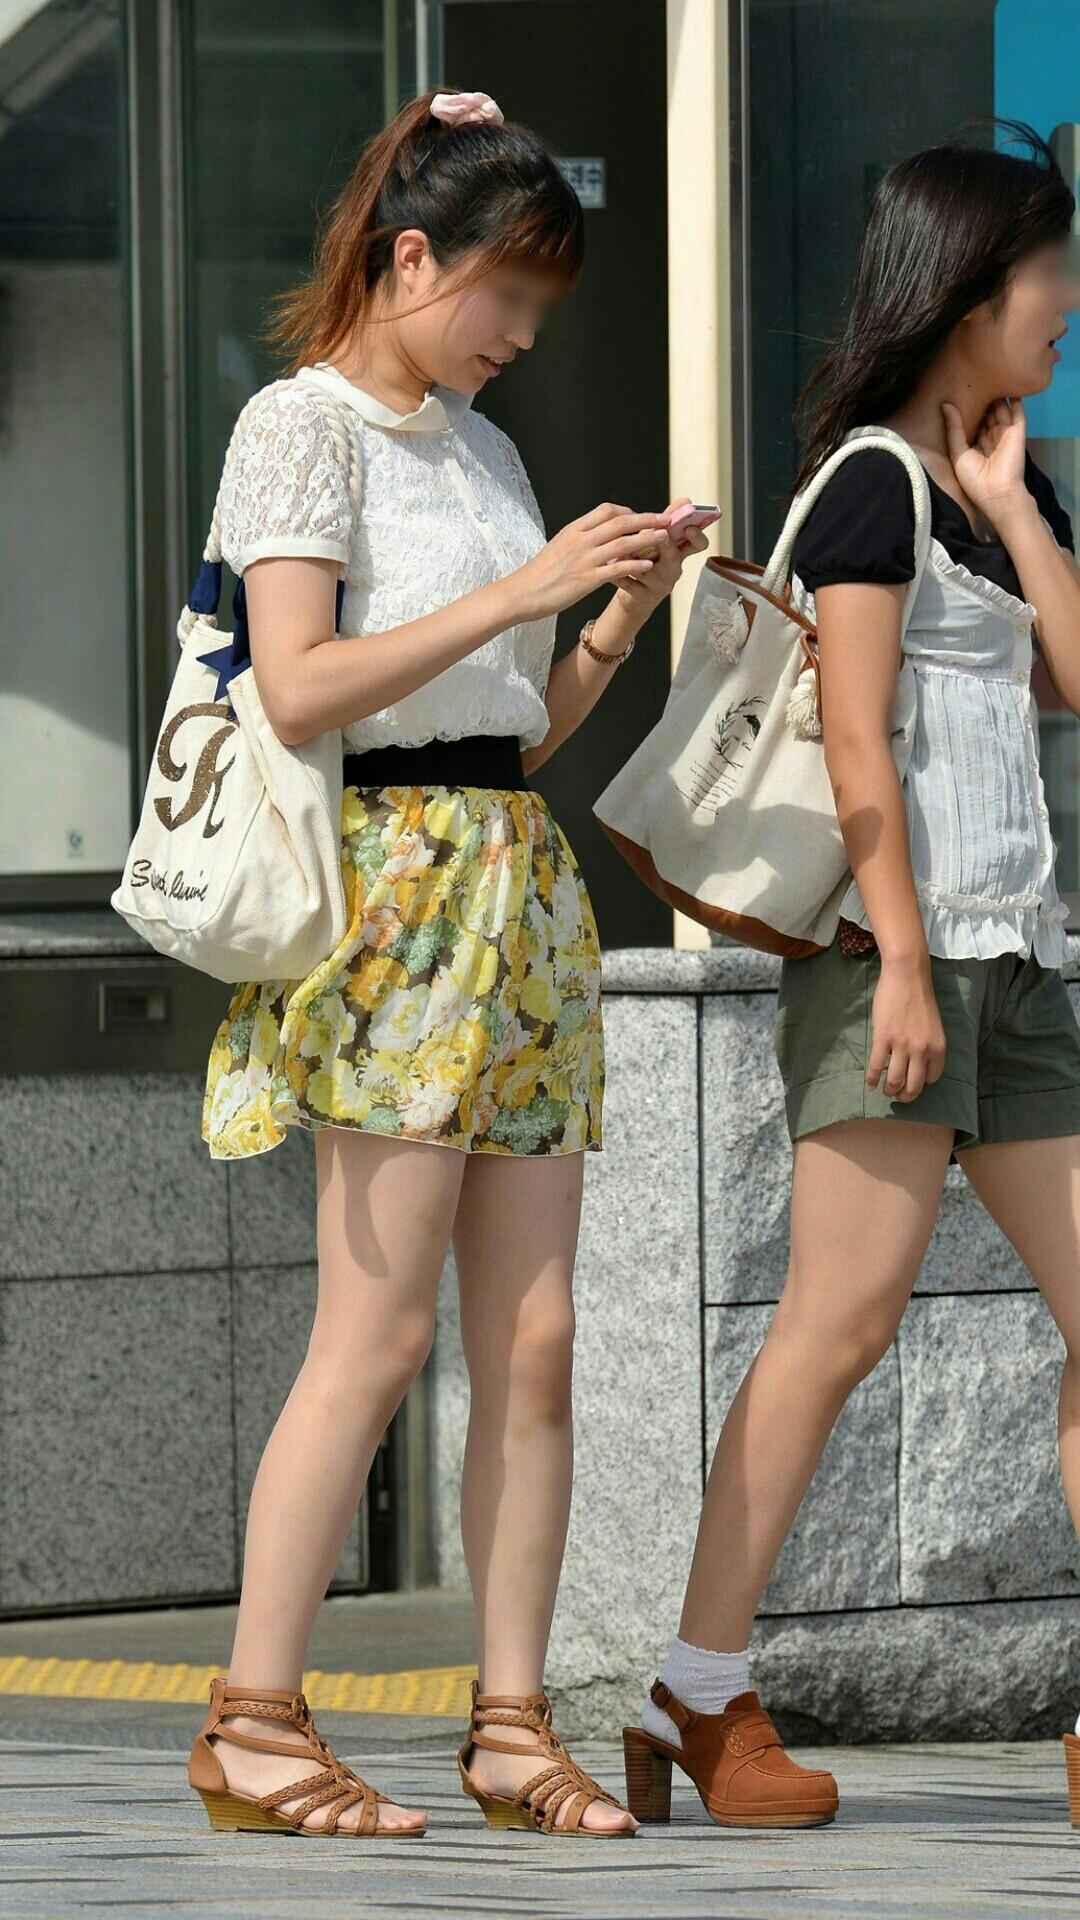 【美脚エロ画像】街へ行けば漏れなく遭遇w見てて飽きない現代女性の美脚www 01